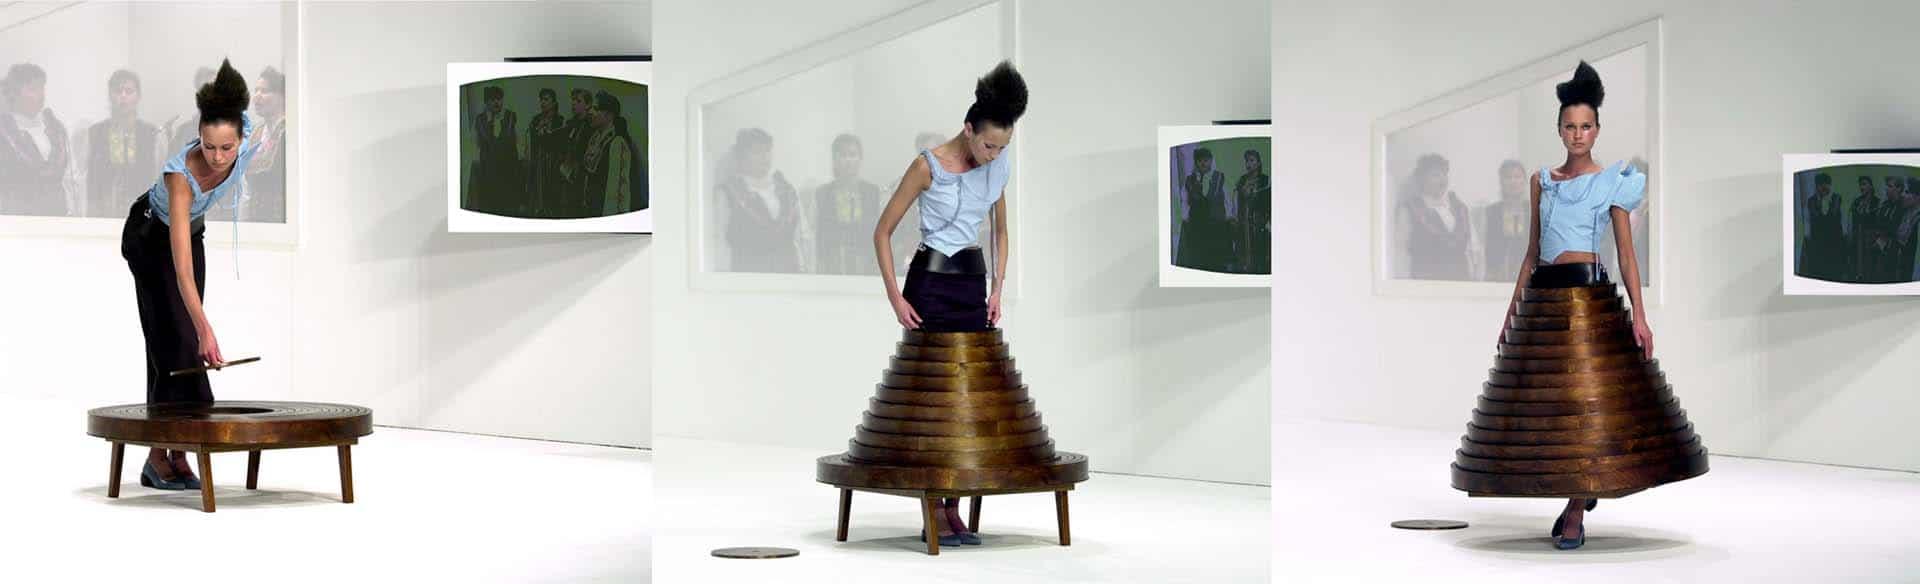 חוסיין שאלאייןֿ, Hussein Chalayan, Table skirt from after words, autumn-winter 2000- Photo credit Chris Moore @catwalking